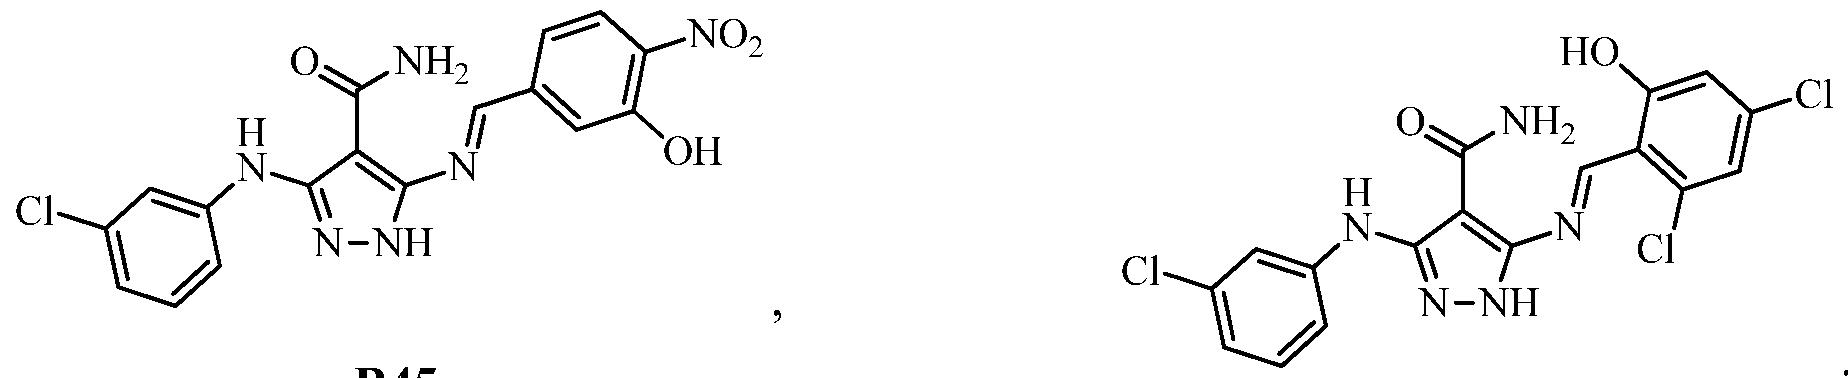 Figure imgf000174_0003